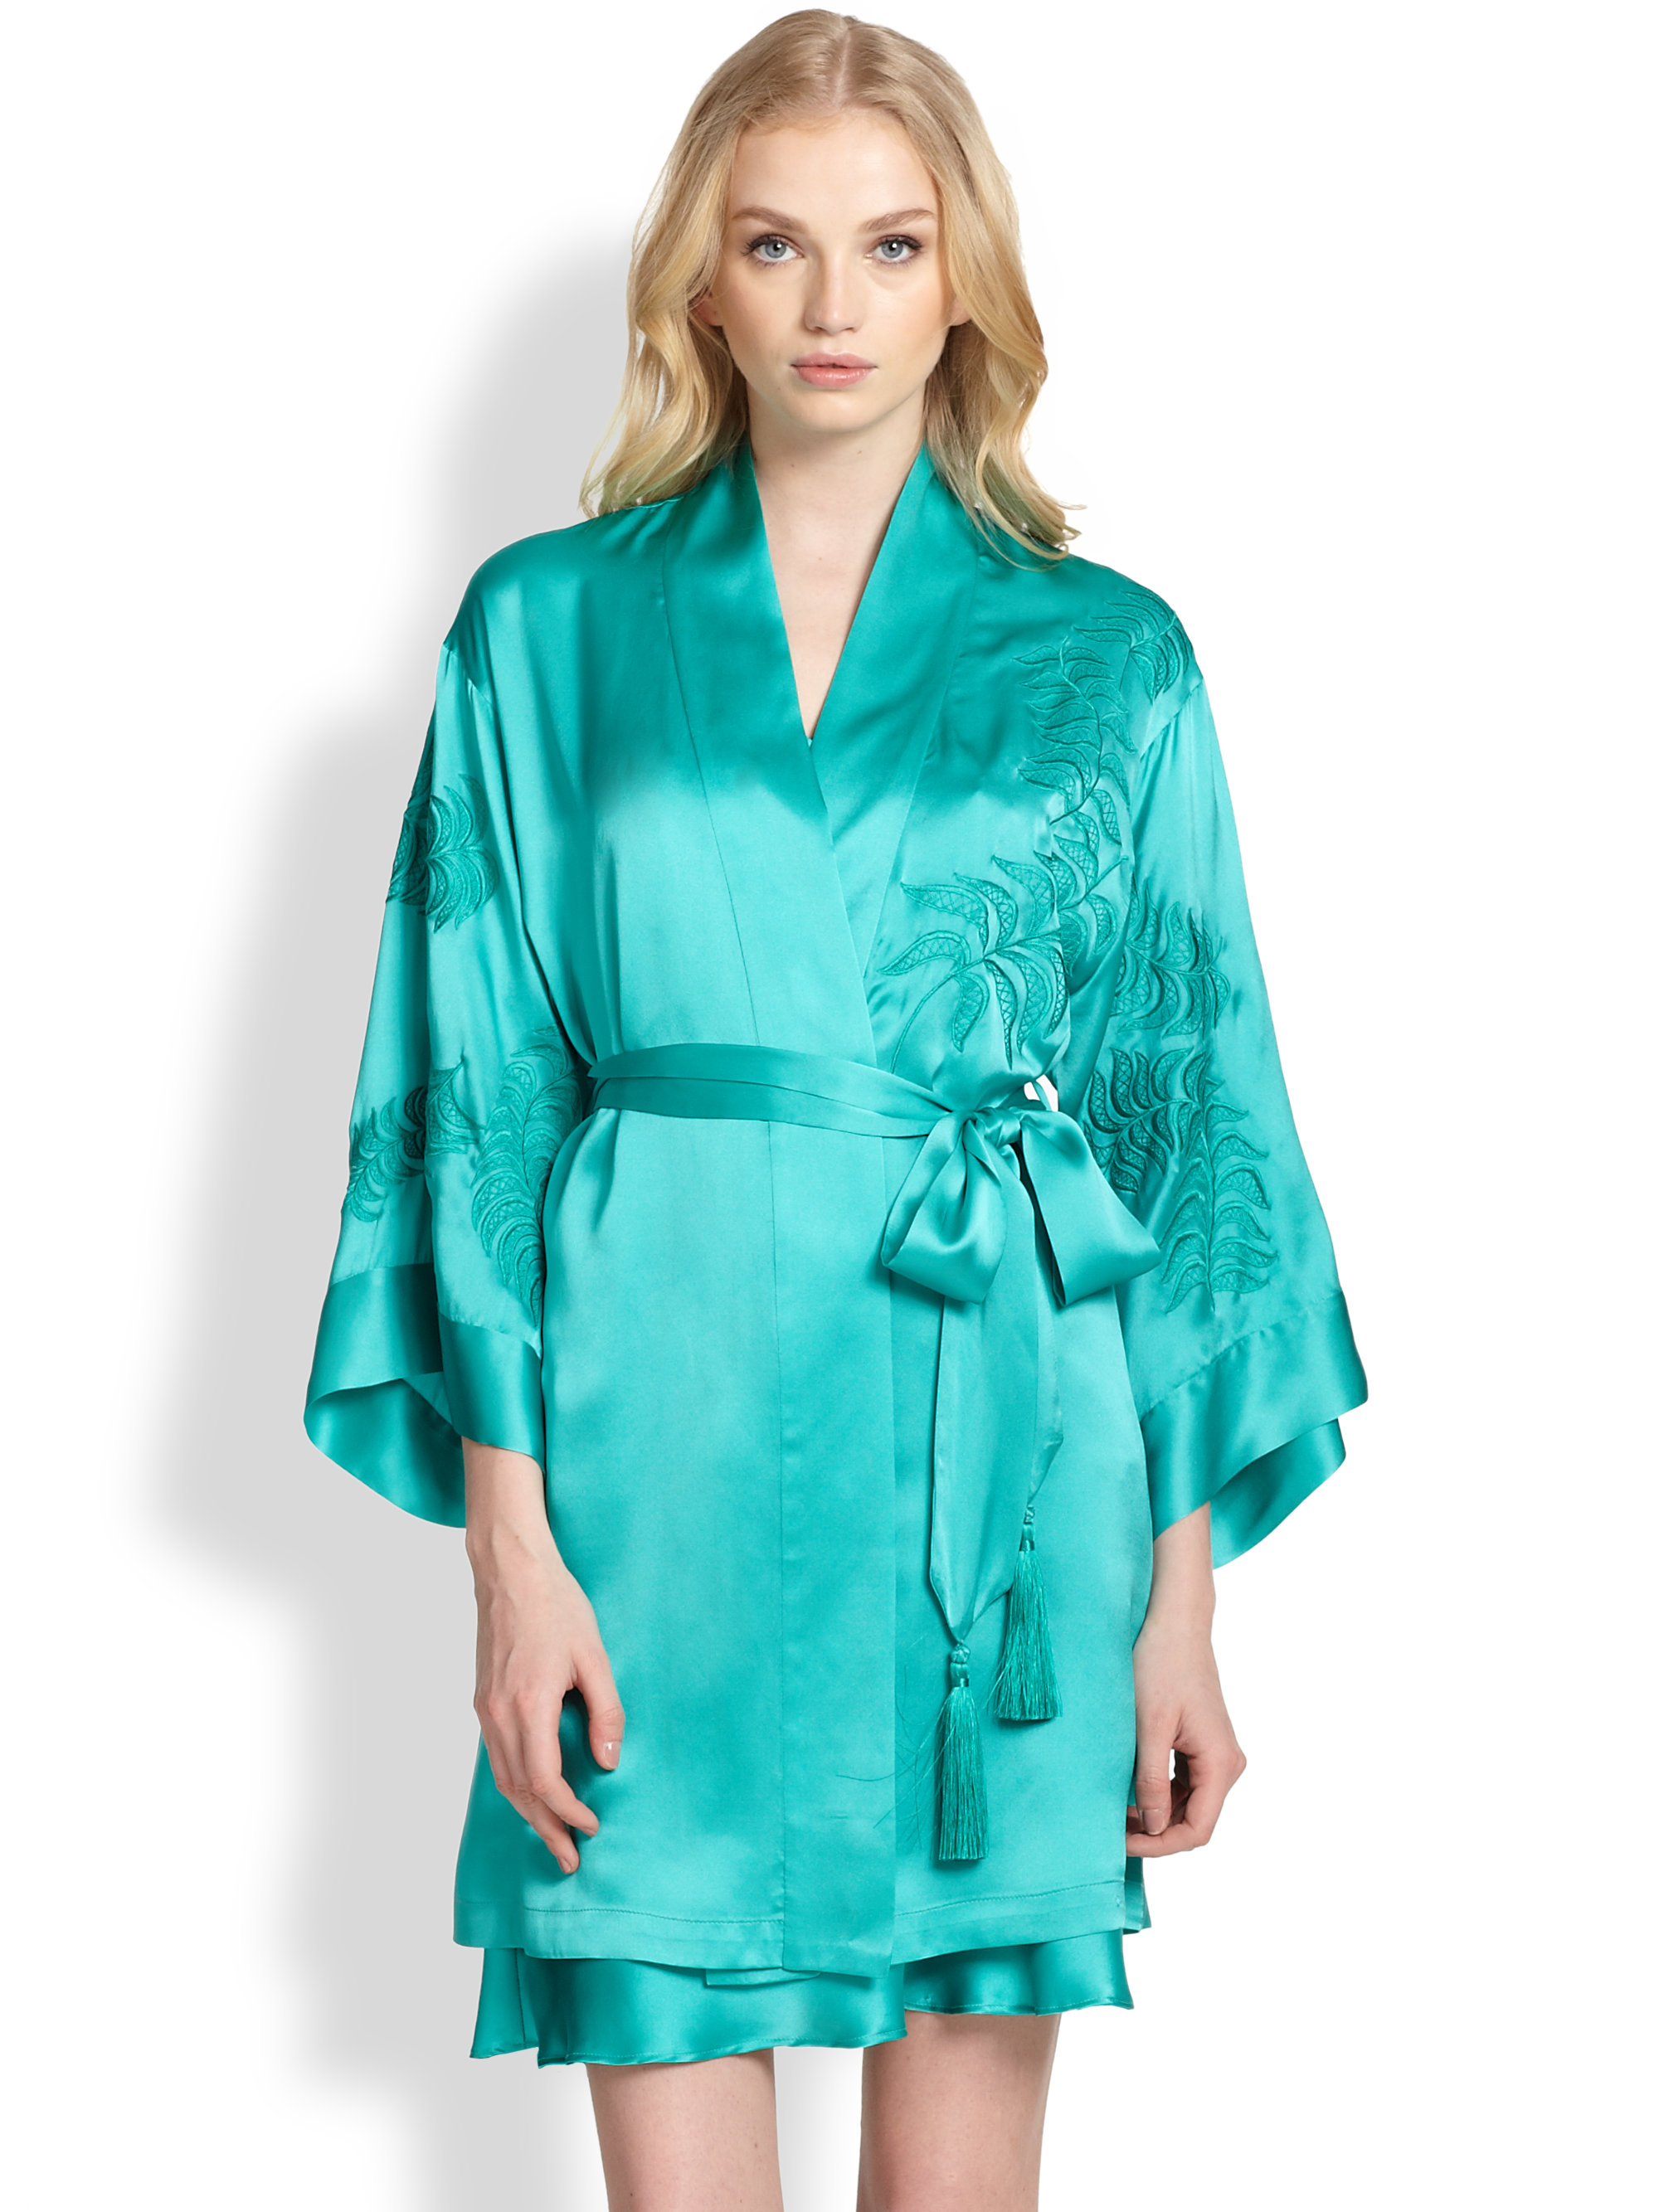 Josie Natori Embroidered Satin Kimono Robe In Blue